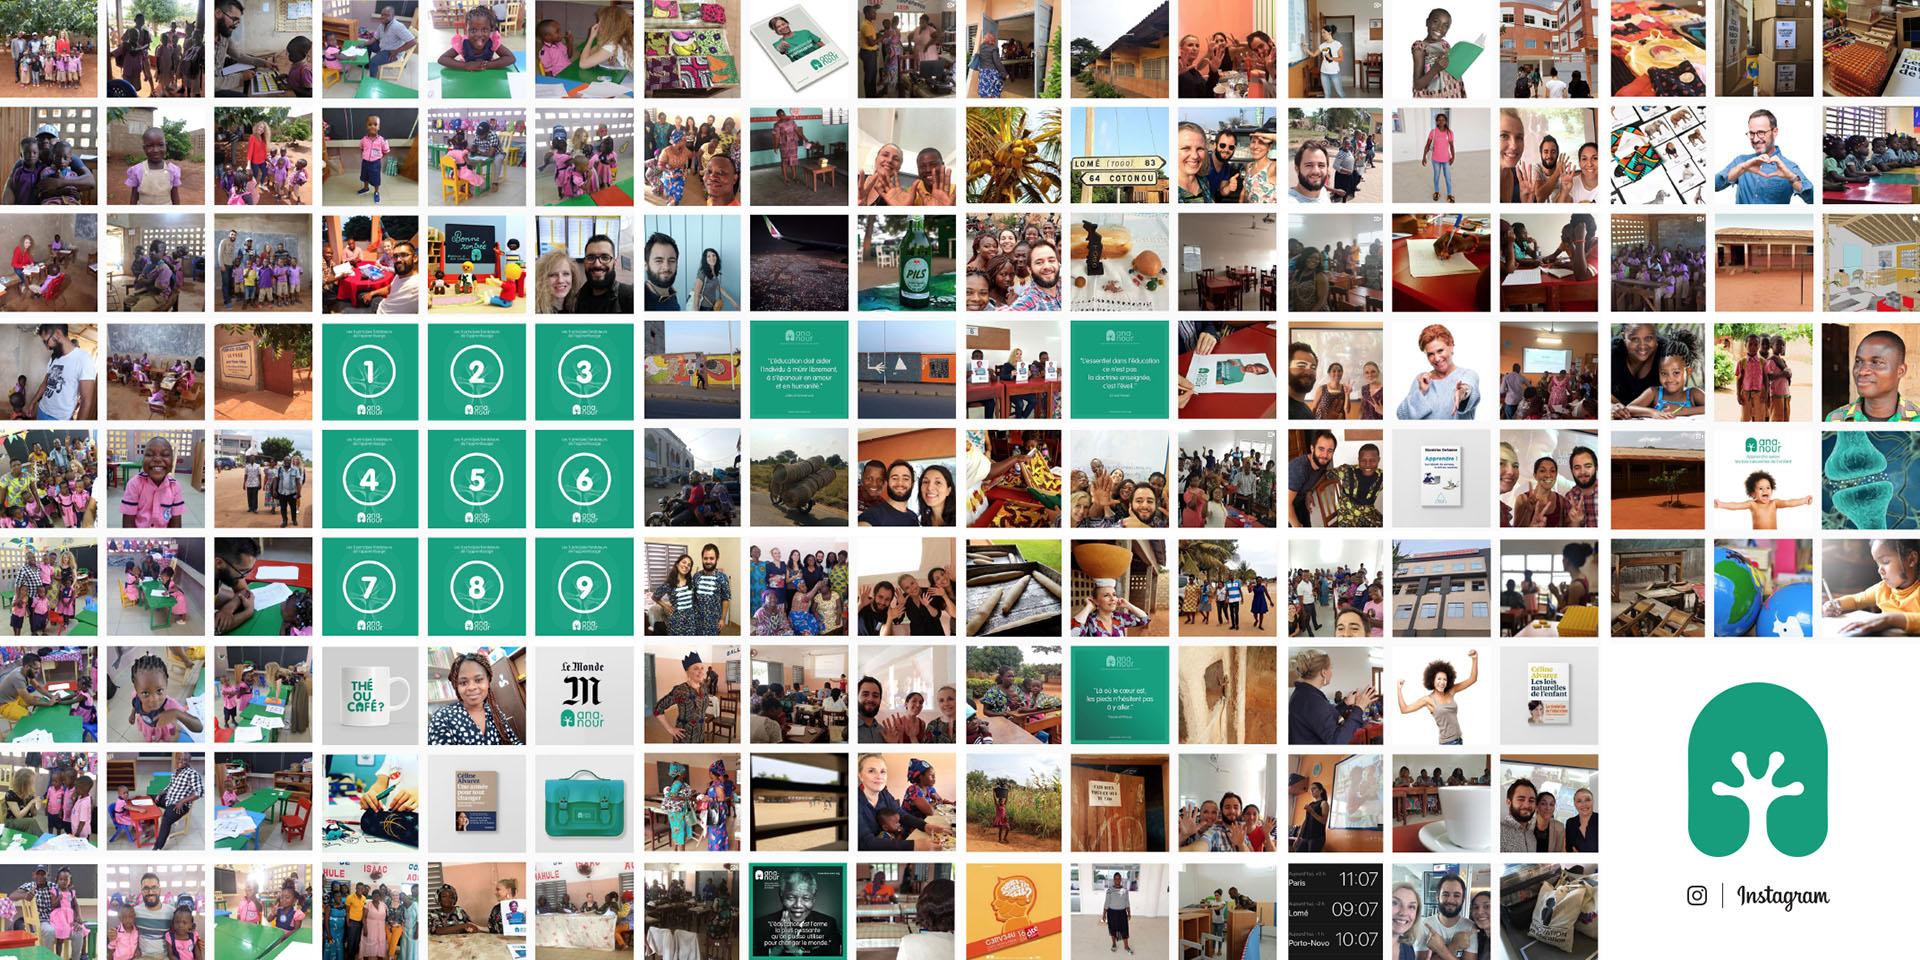 Le compte Instagram de l'association Ana-Nour, 47 jours après son lancement : 153 posts !